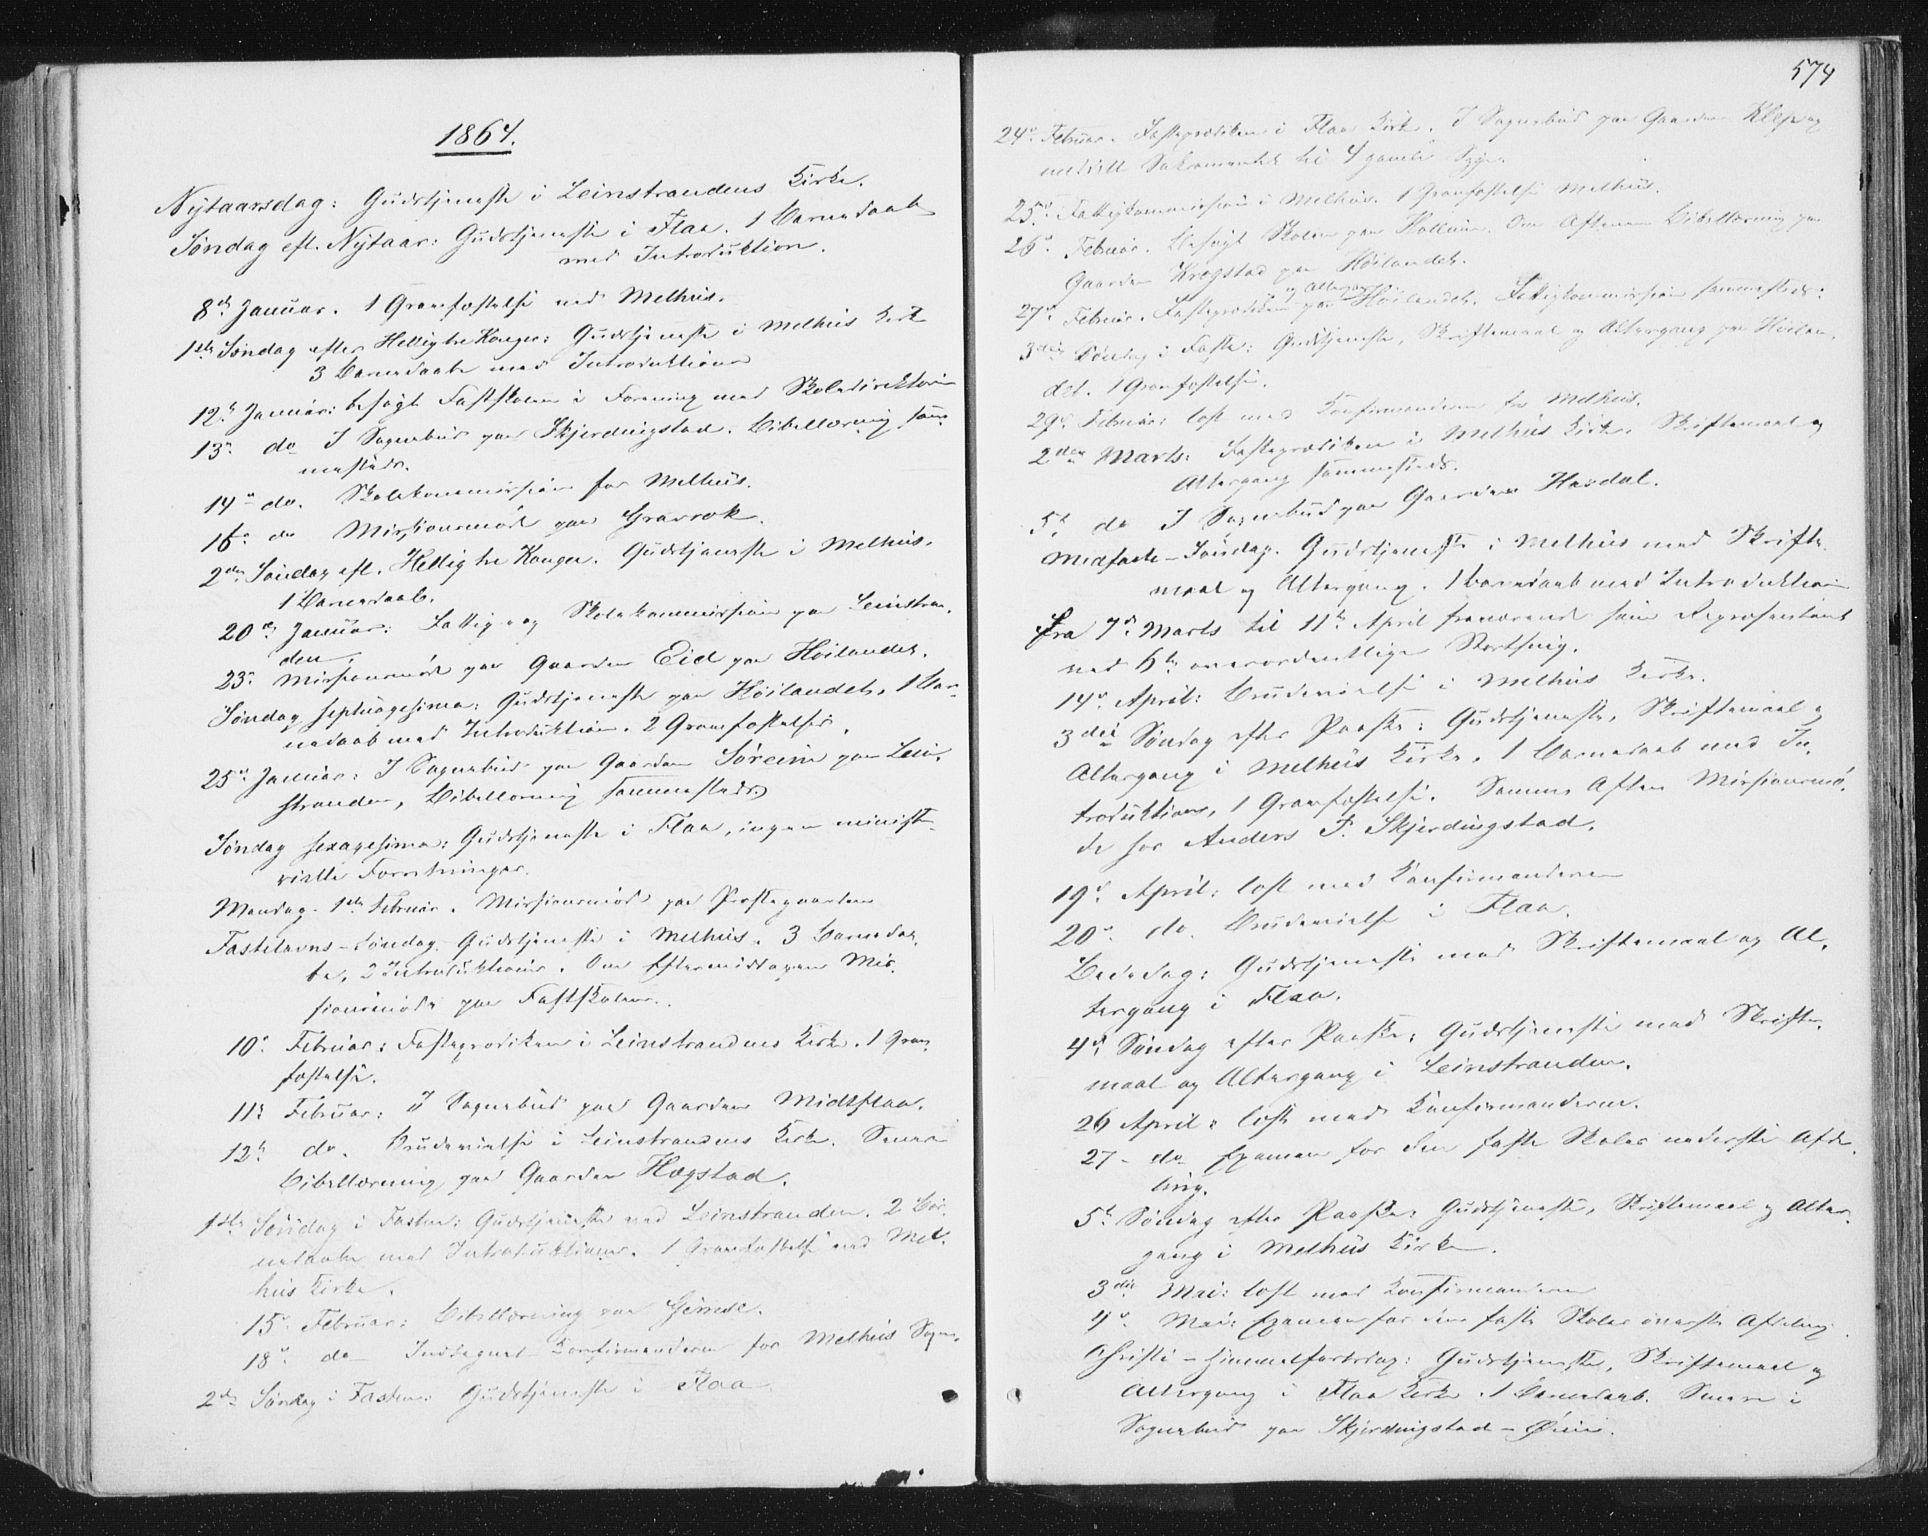 SAT, Ministerialprotokoller, klokkerbøker og fødselsregistre - Sør-Trøndelag, 691/L1077: Ministerialbok nr. 691A09, 1862-1873, s. 574